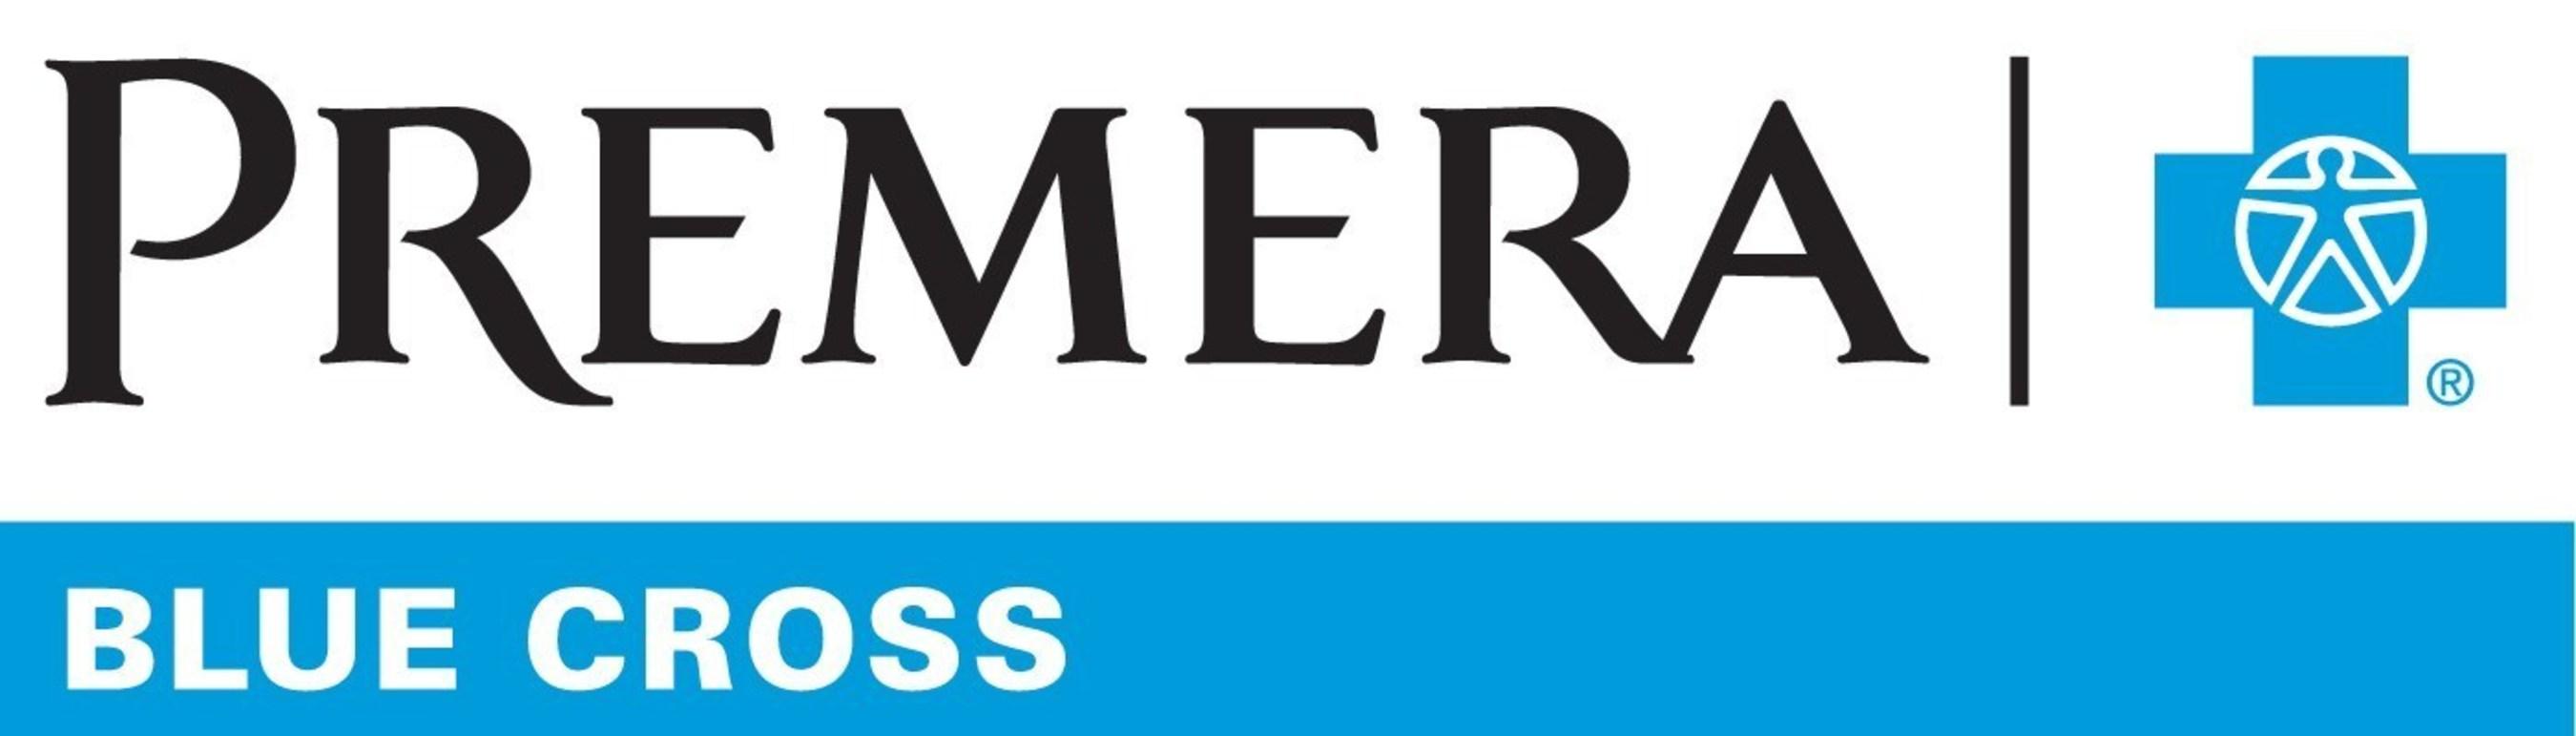 www.premera.com